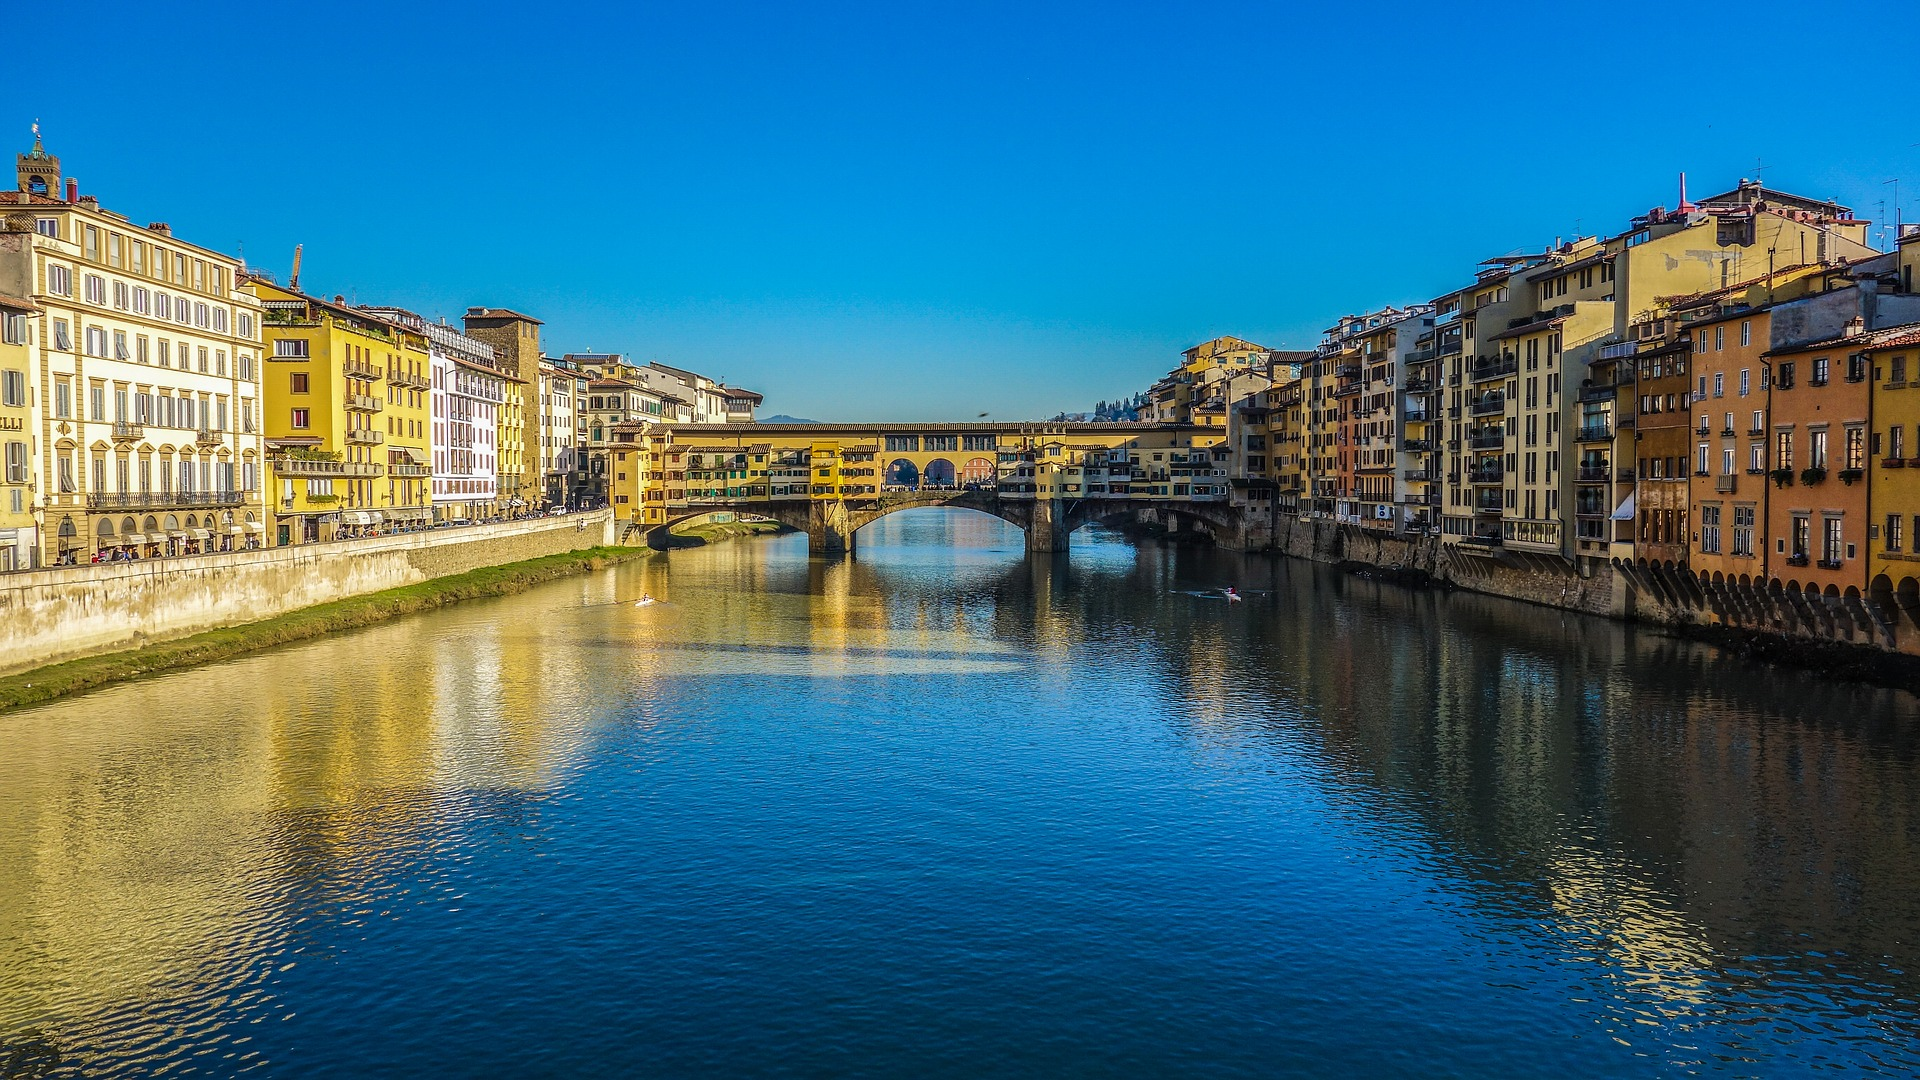 Ponte Vecchio bridge in Italy.